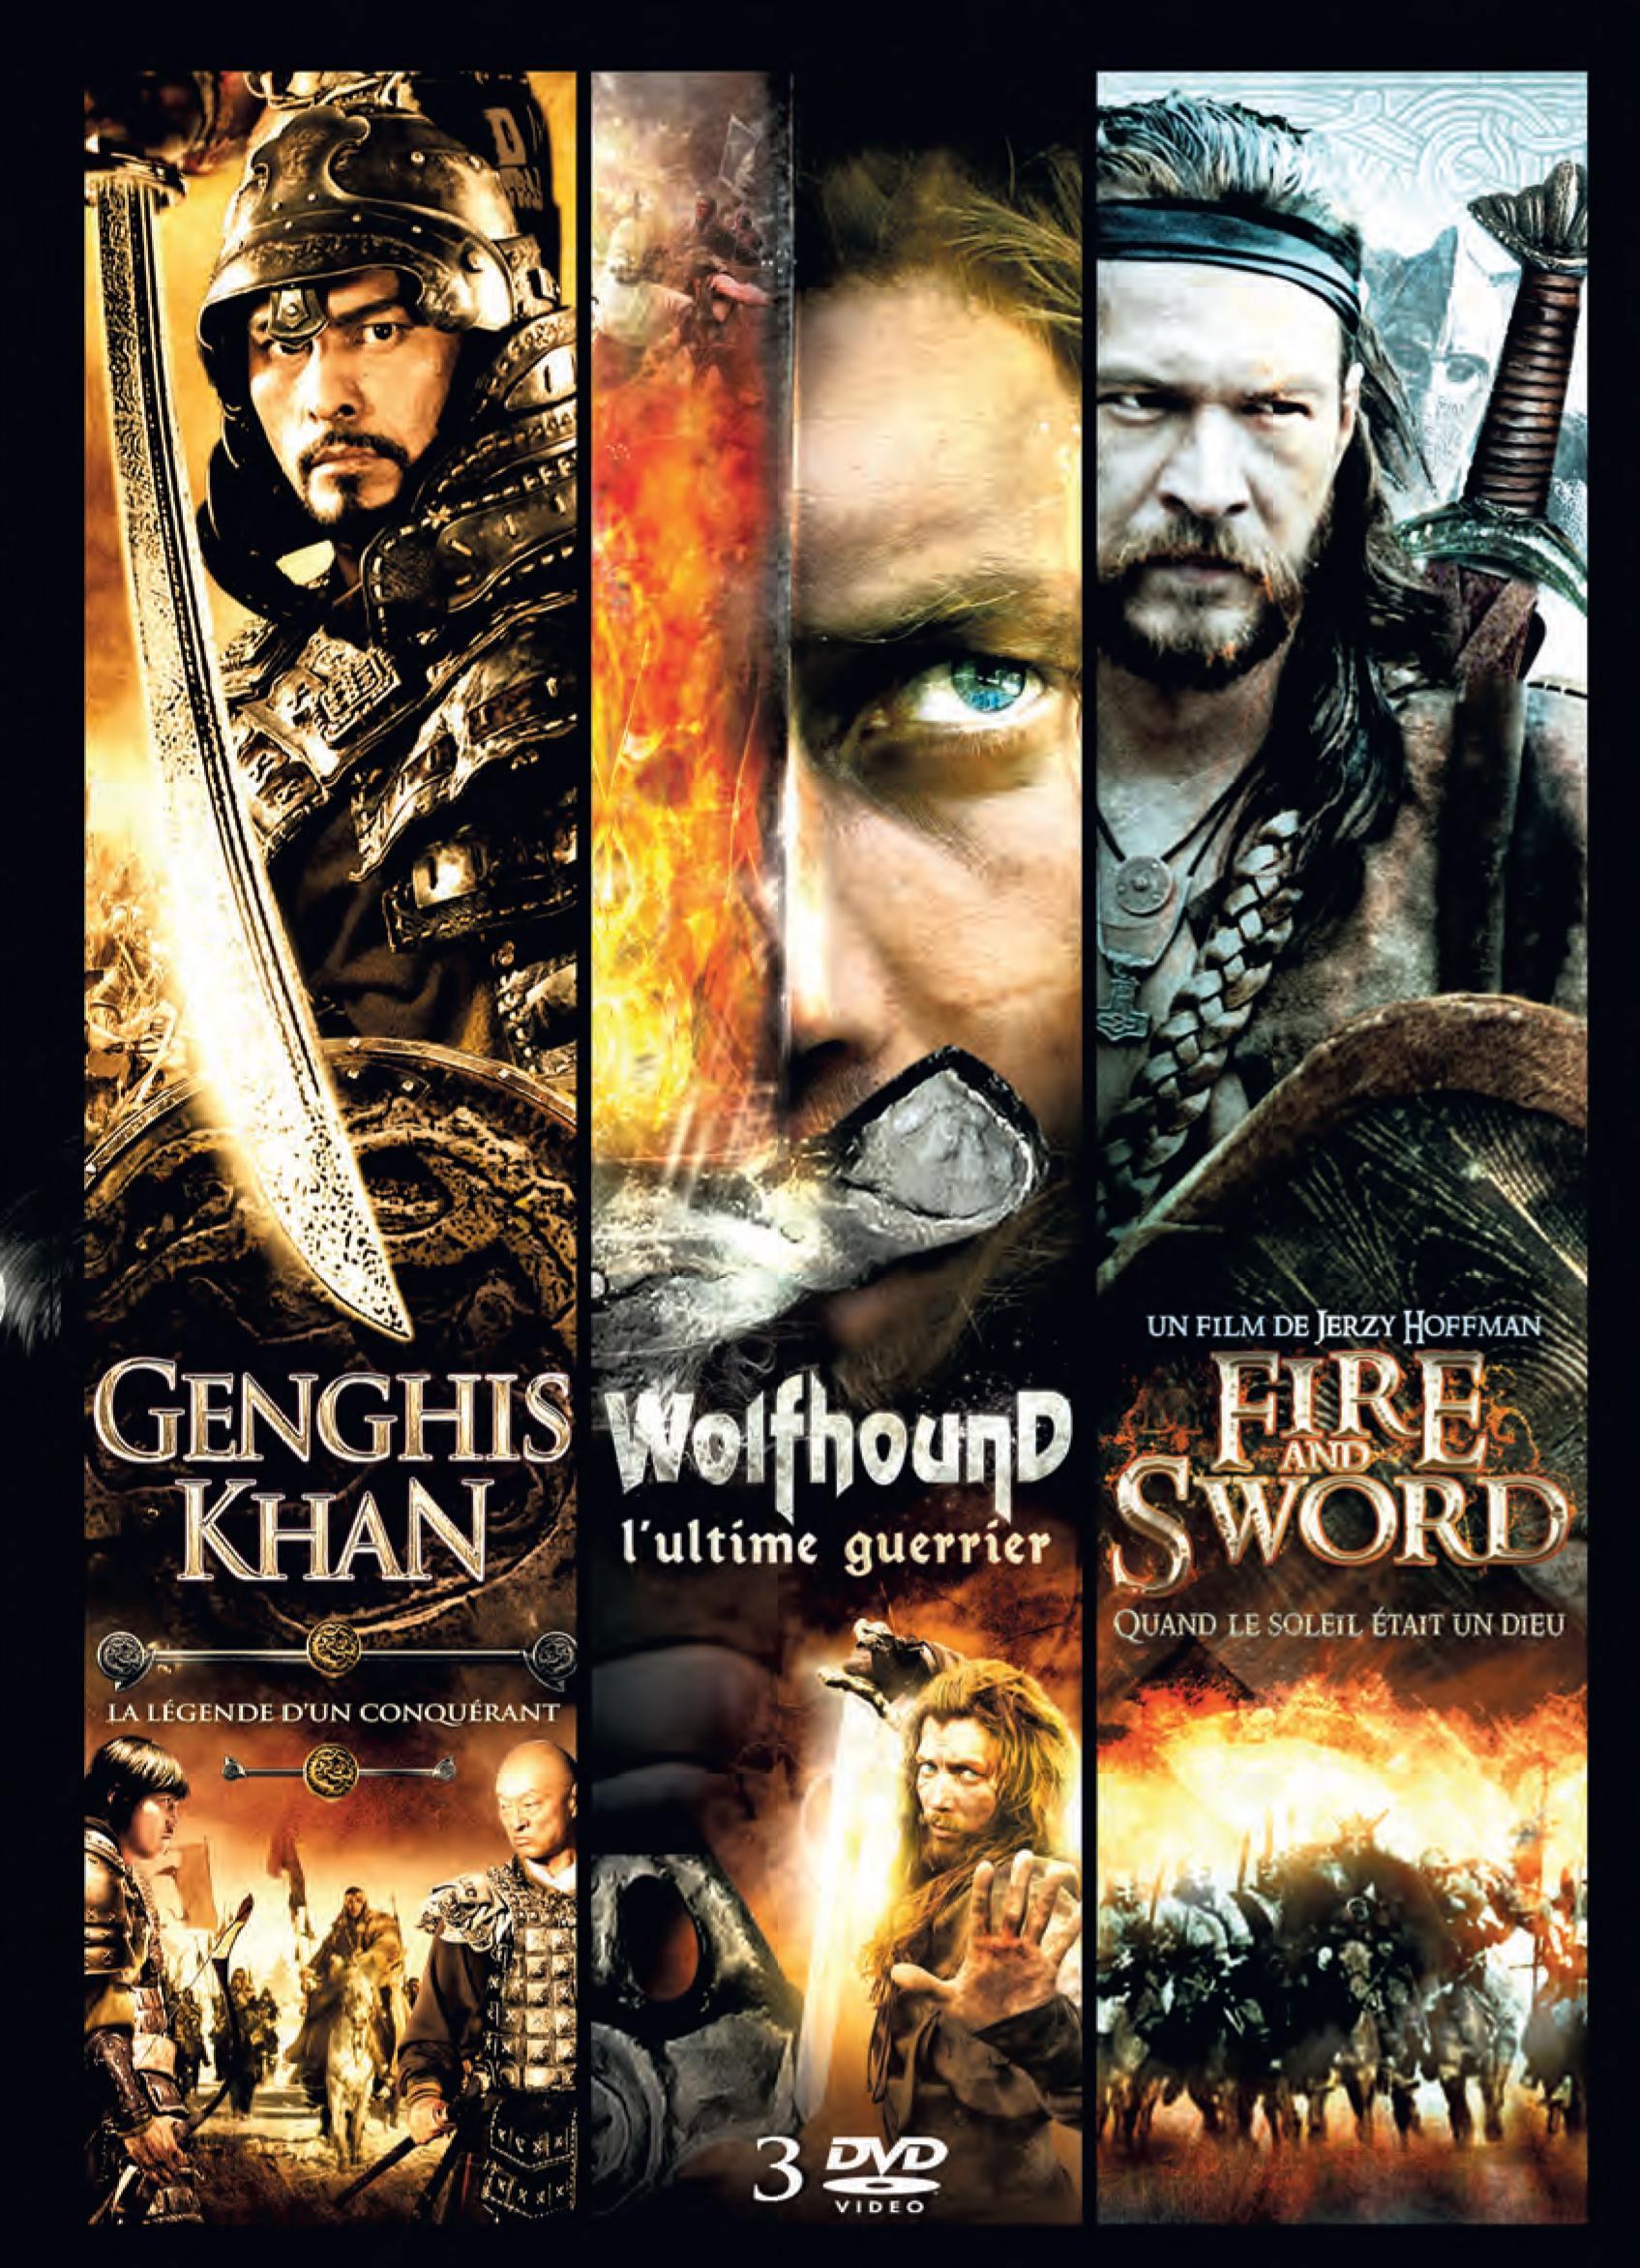 Coffret epique - 3 dvd